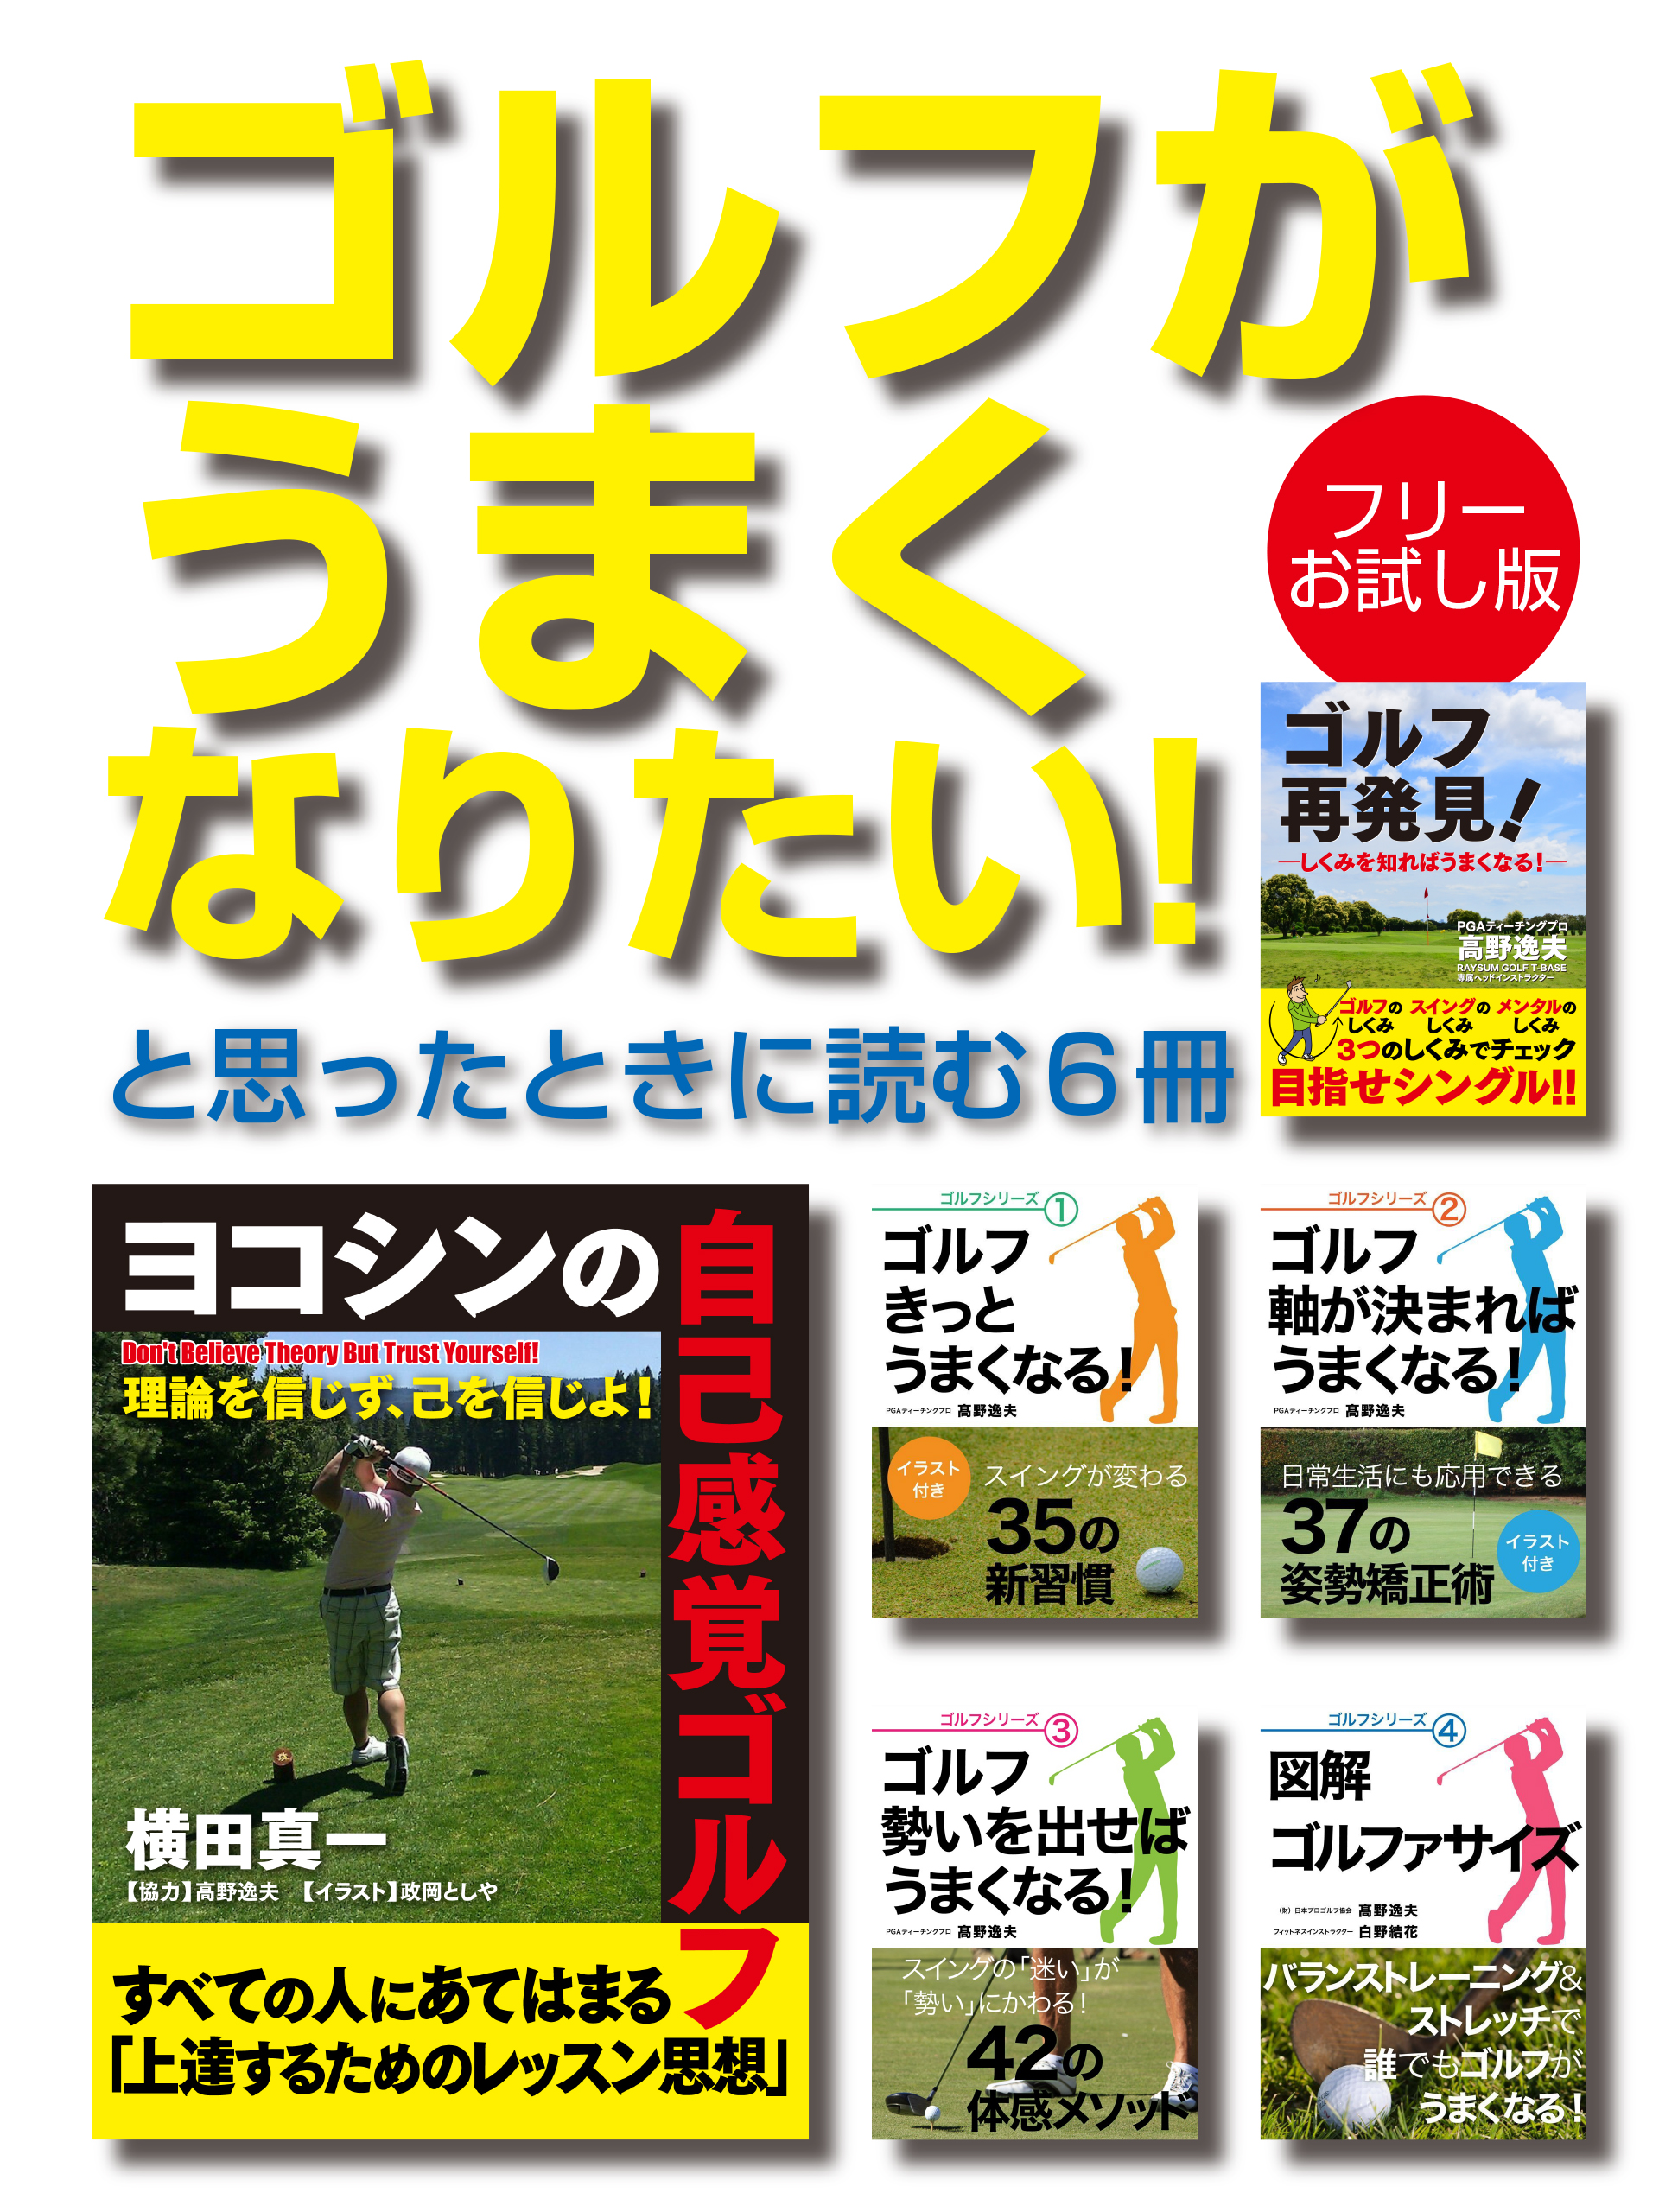 ゴルフがうまくなりたい! と思ったときに読む6冊